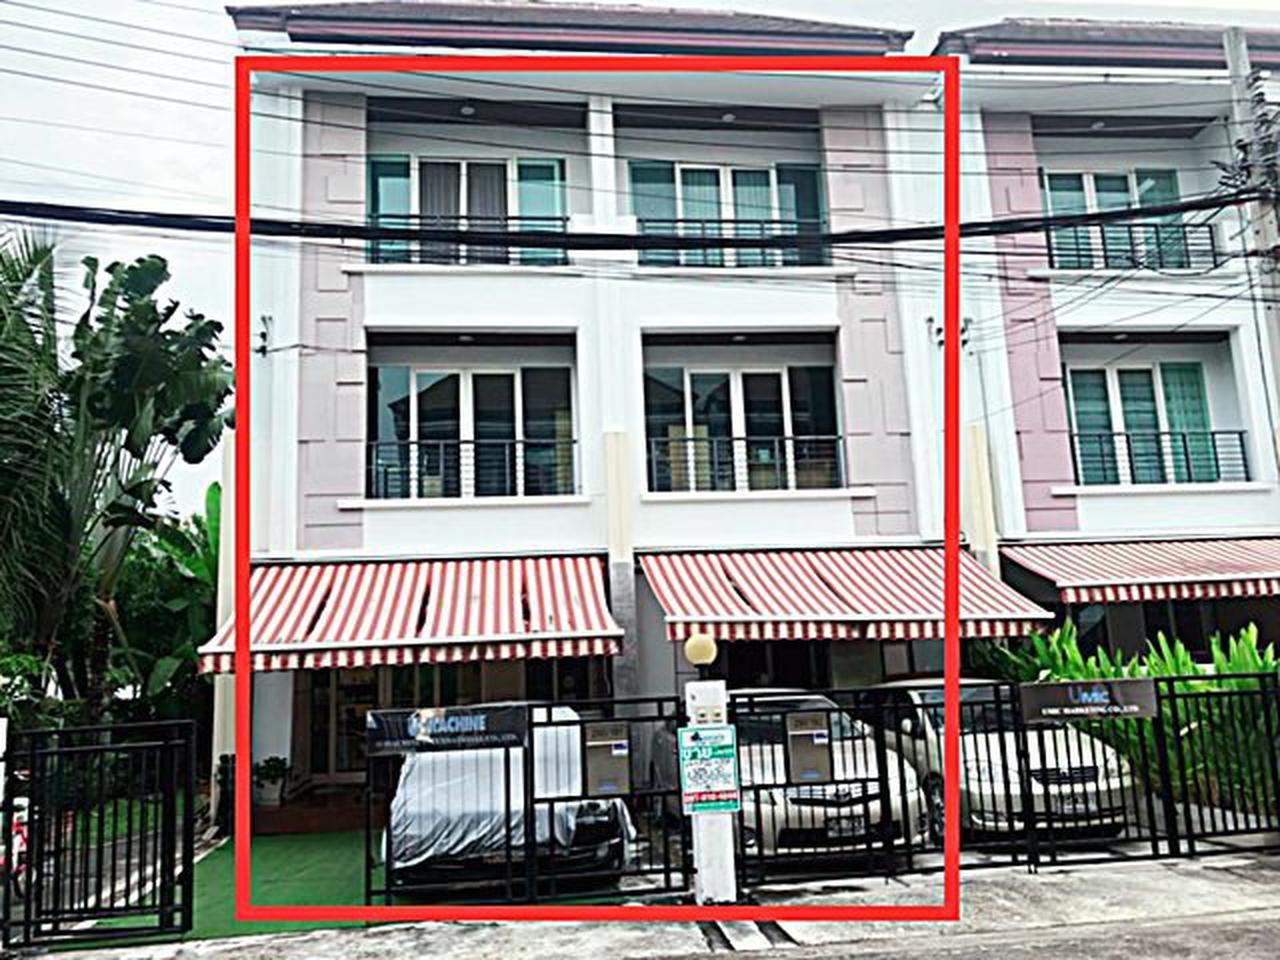 72415-2 - ขาย โฮมออฟฟิศ ทำเลทอง บ้านกลางเมืองพระราม 9 - ลาดพร้าว (S-Sense) 64.9 ตรว. 334 ตรม. 6 นอน 6 น้ำ รูปที่ 1